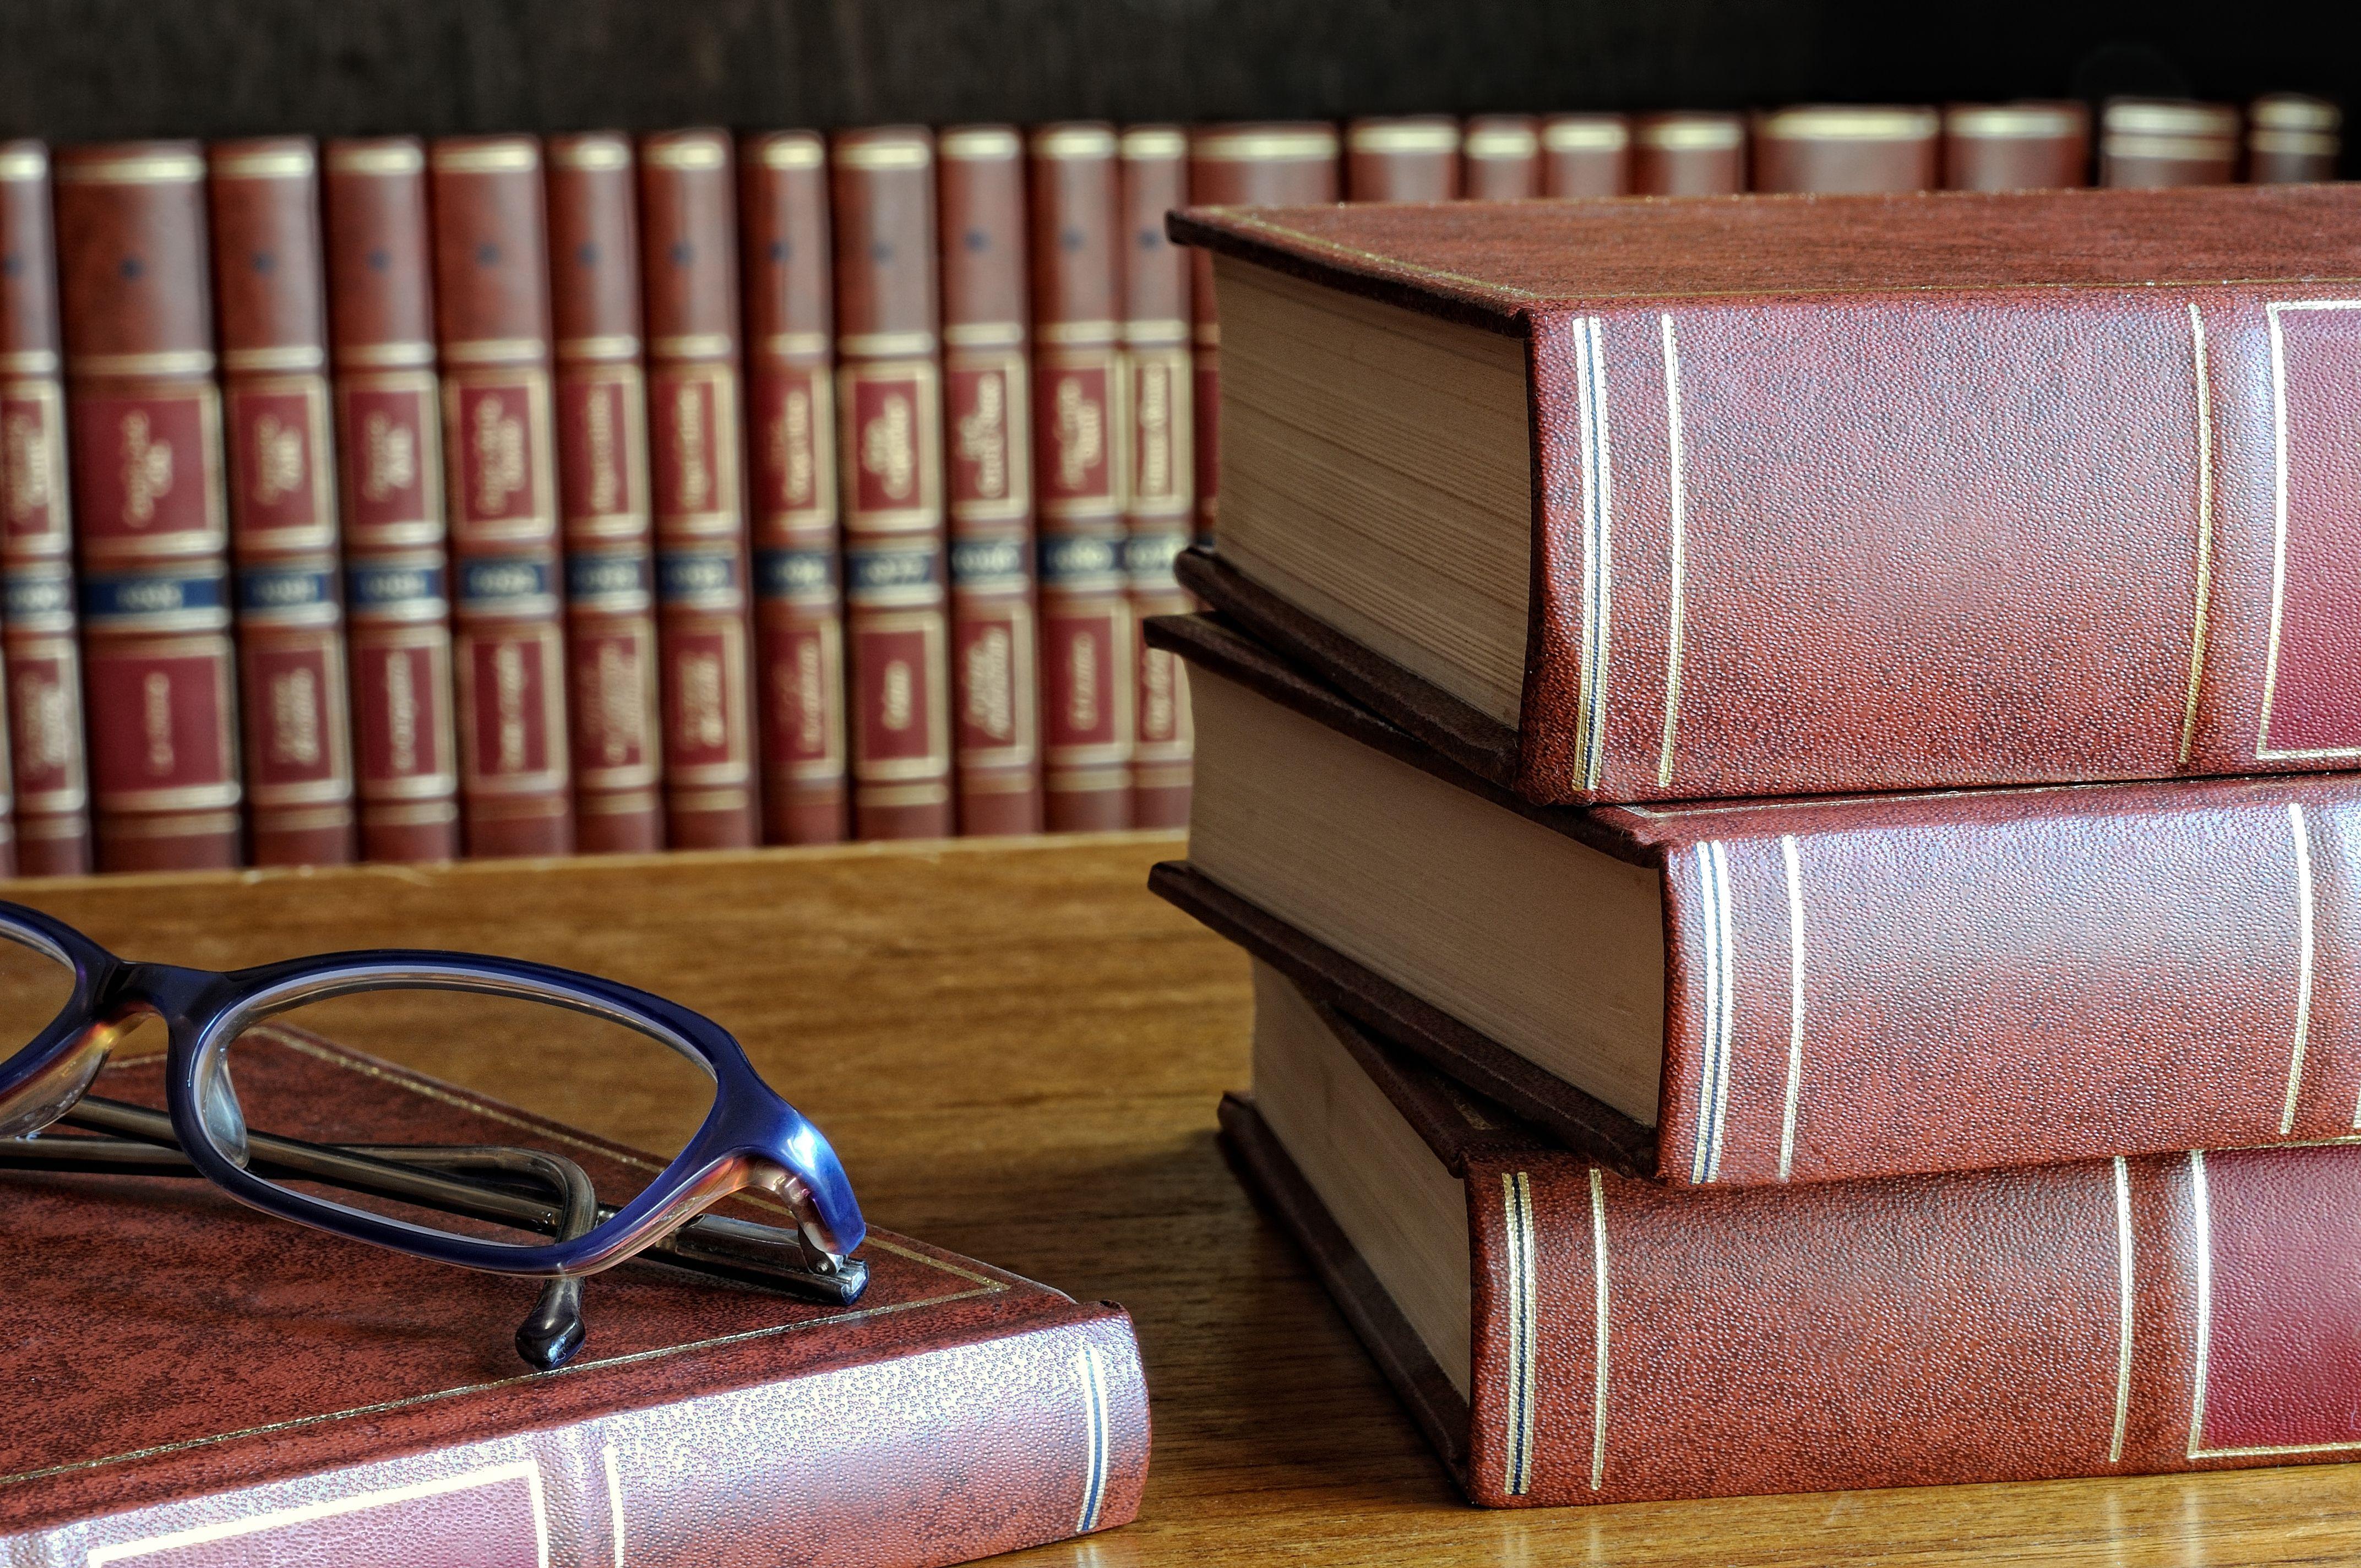 Abogados expertos en derecho penal